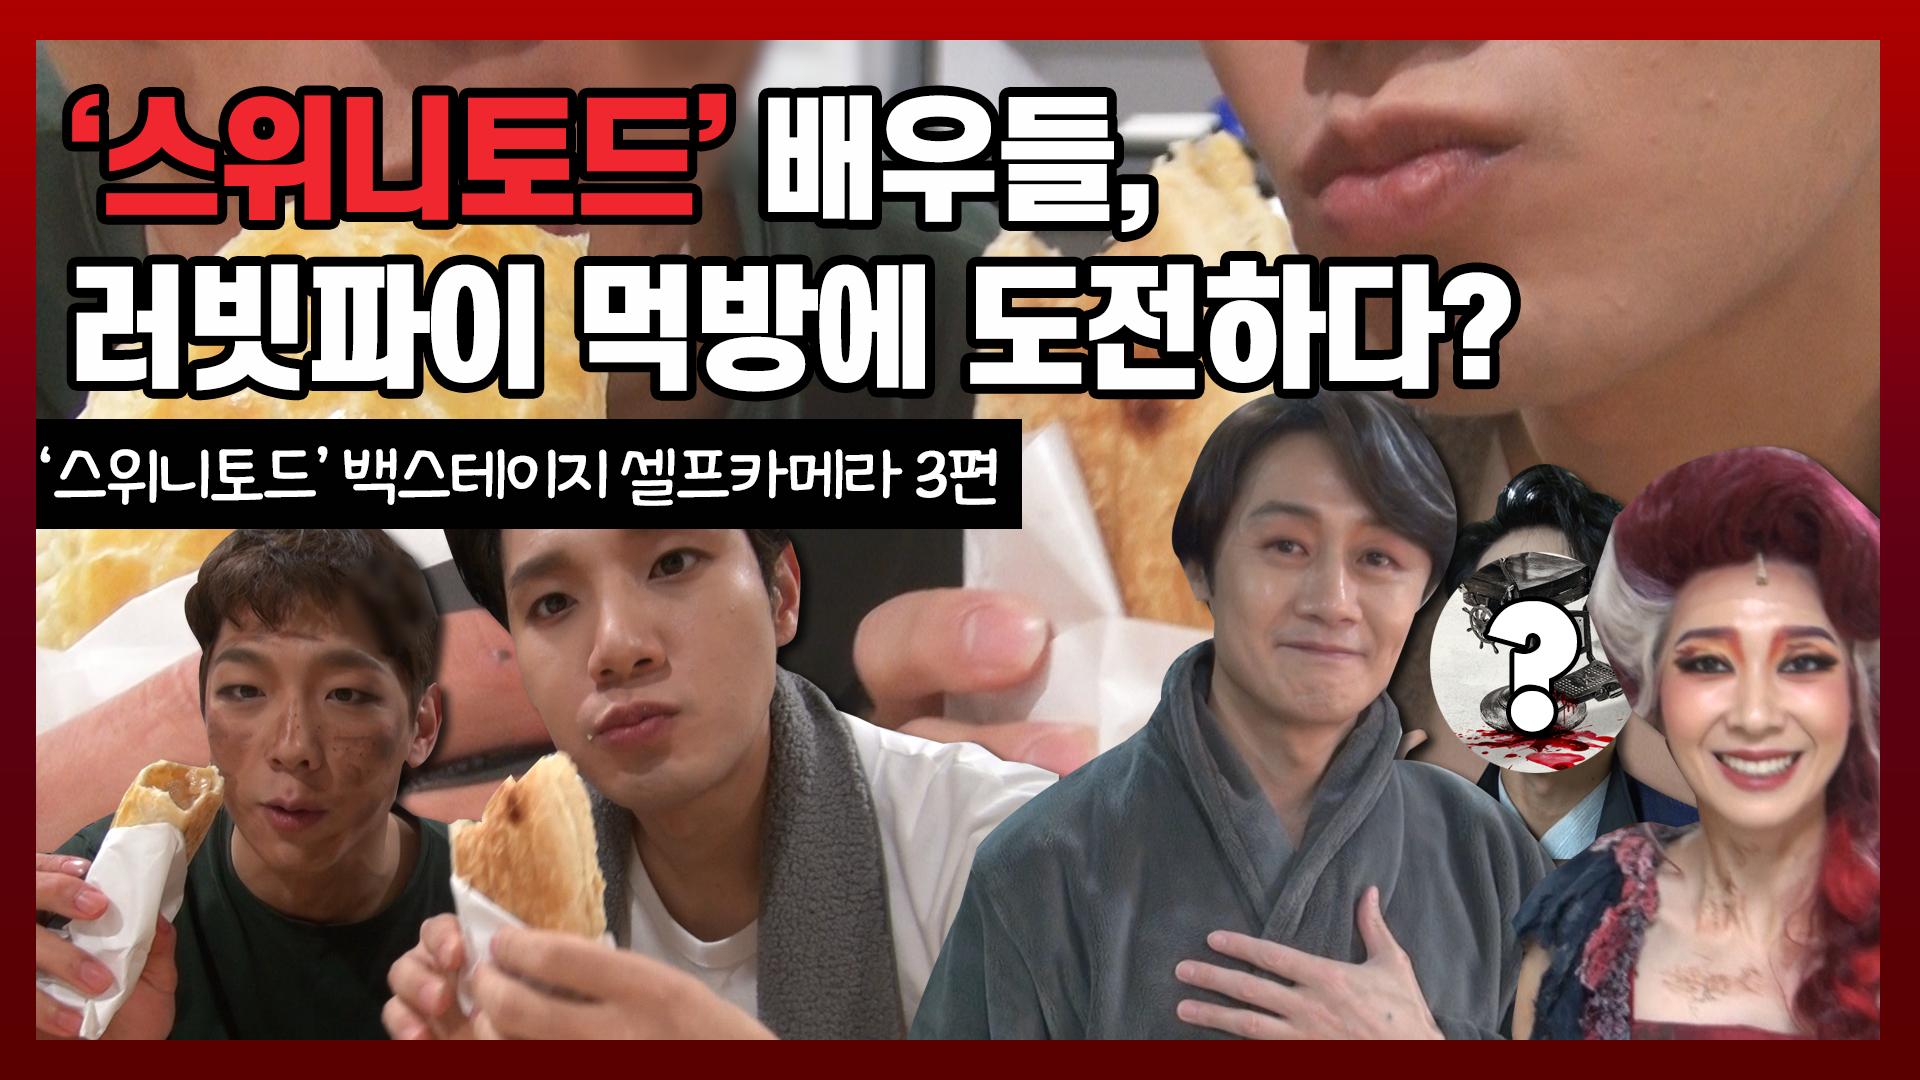 '스위니토드' 배우들, 러빗파이 먹방에 도전하다? ['스위니토드' 백스테이지 셀프카메라 3편]